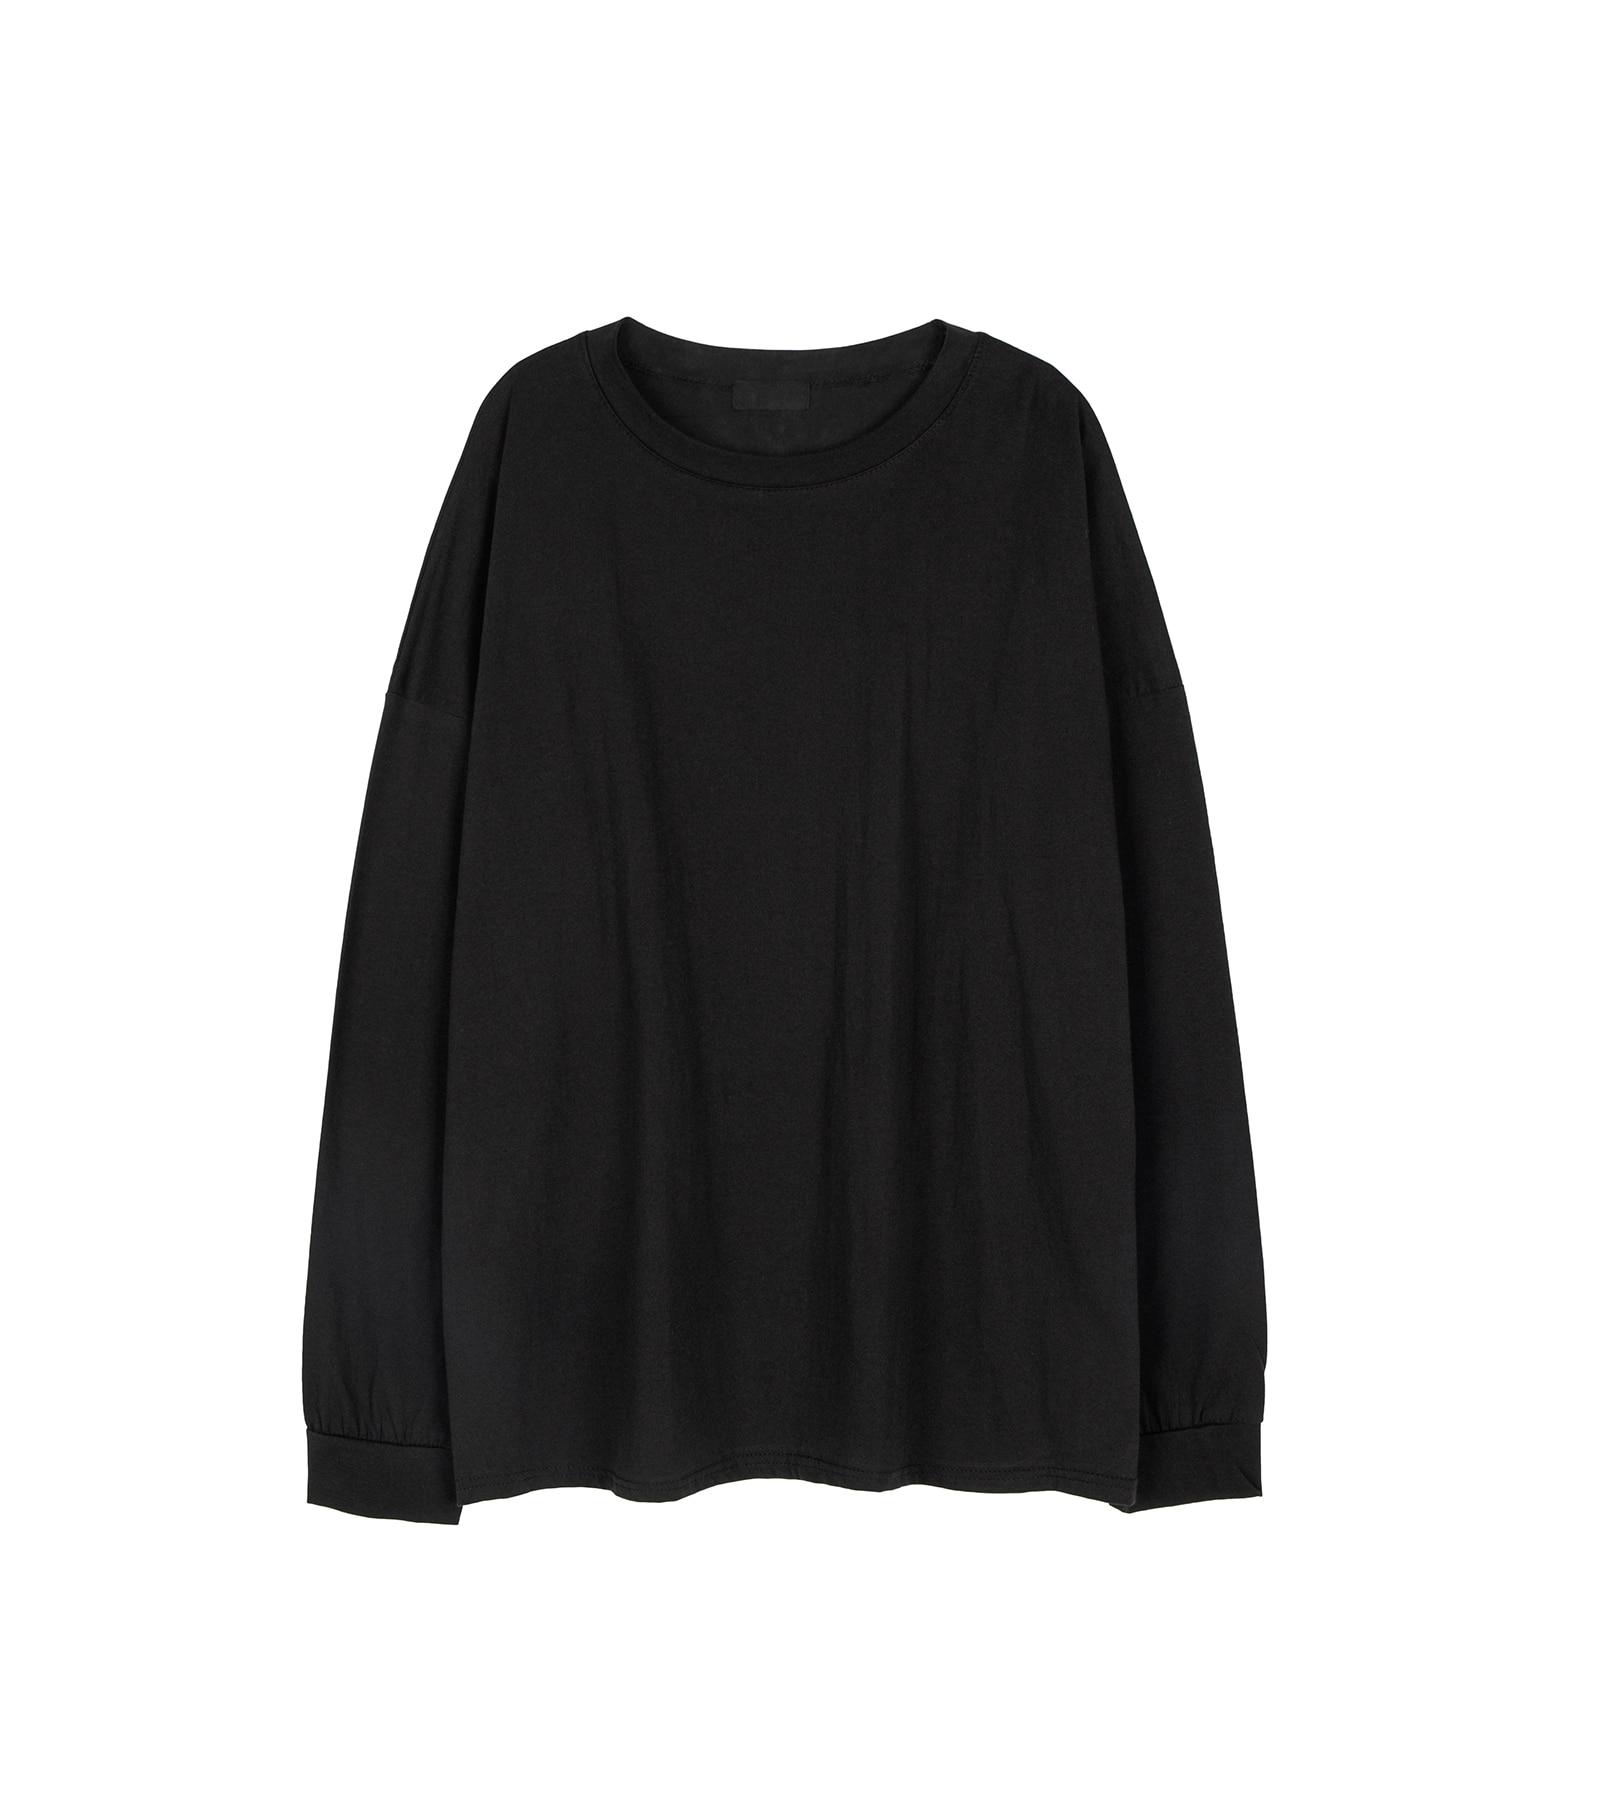 테라 오버 롱 슬리브 티셔츠